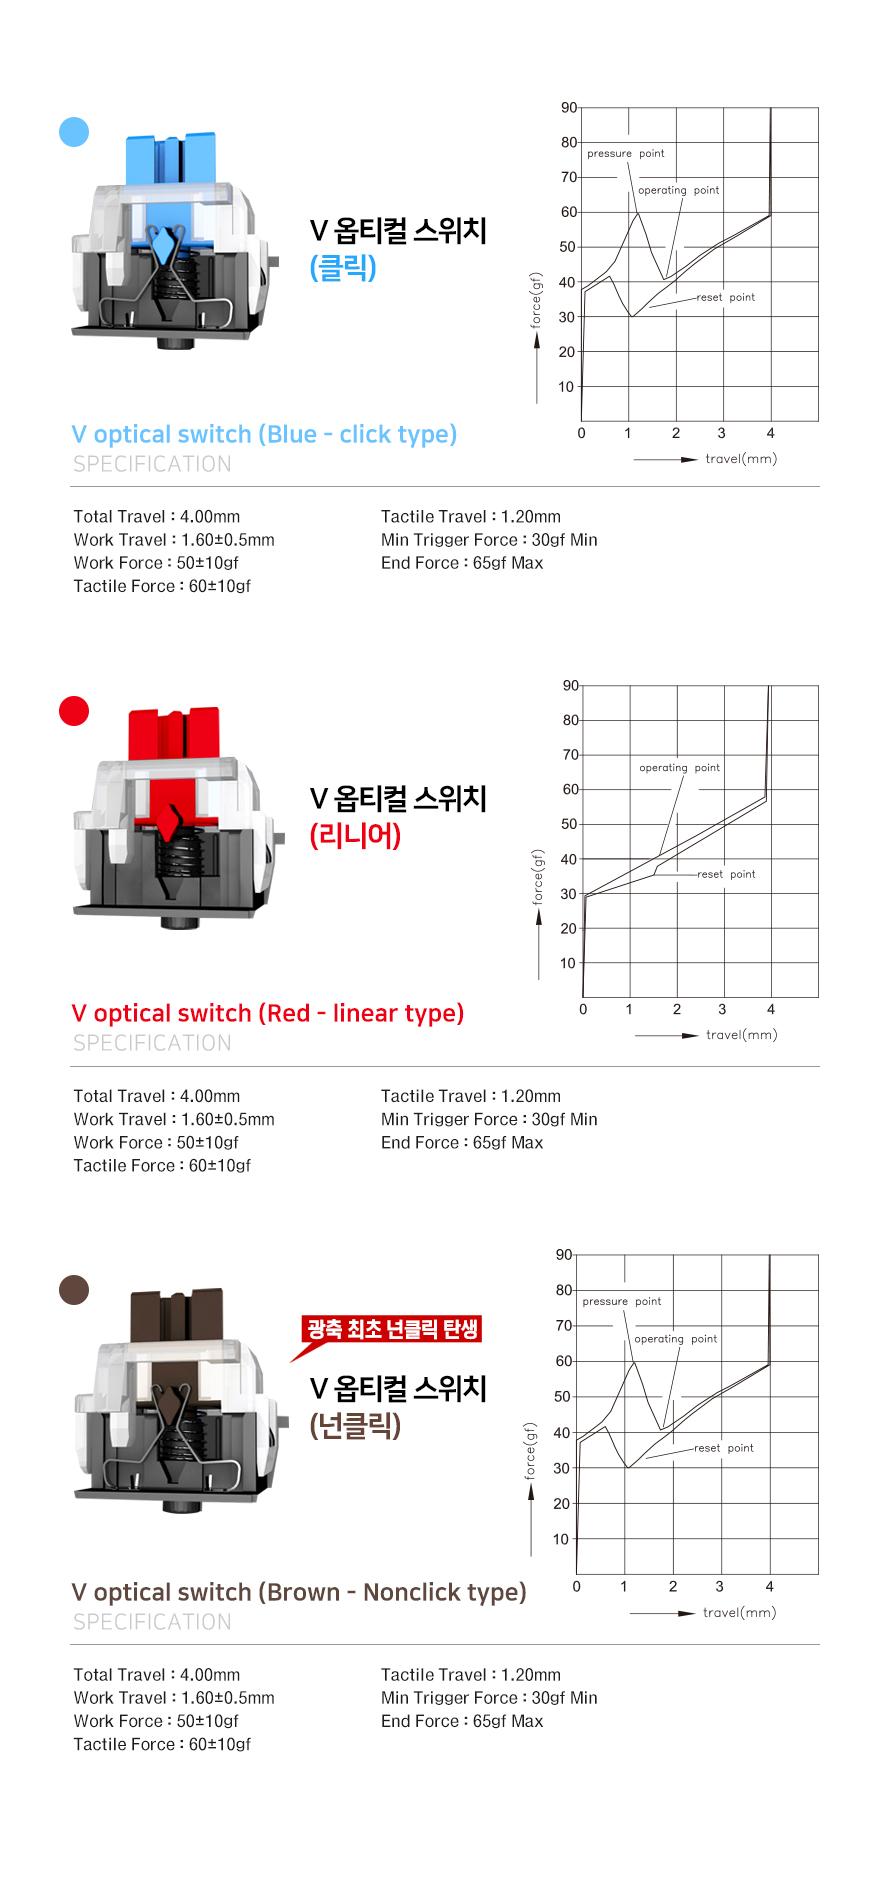 COX CV108 WOOD V광축 완전방수 교체축 단일 LED 게이밍 (레드 브라운, 클릭)